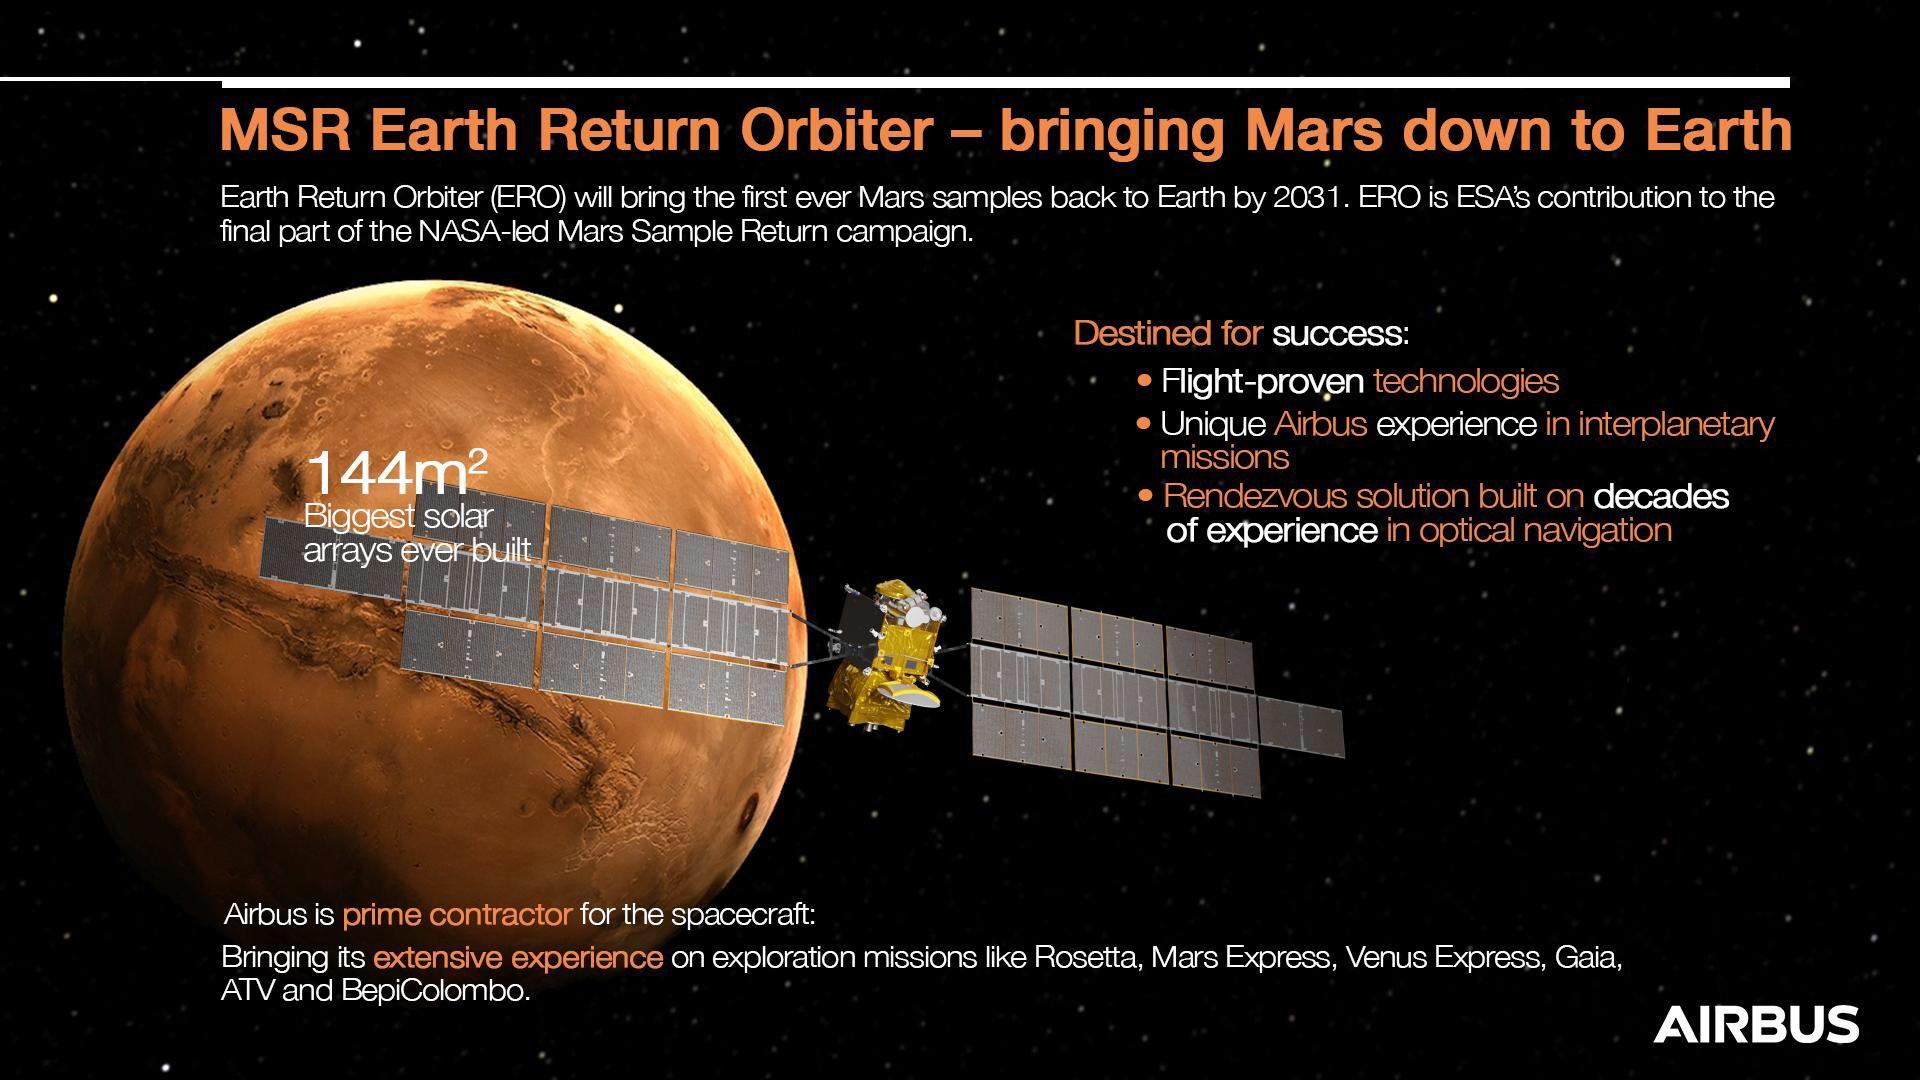 Mission de retour d'échantillons martiens (2026 ?) - Page 3 EeC6pYCXgAAtO0N?format=jpg&name=large